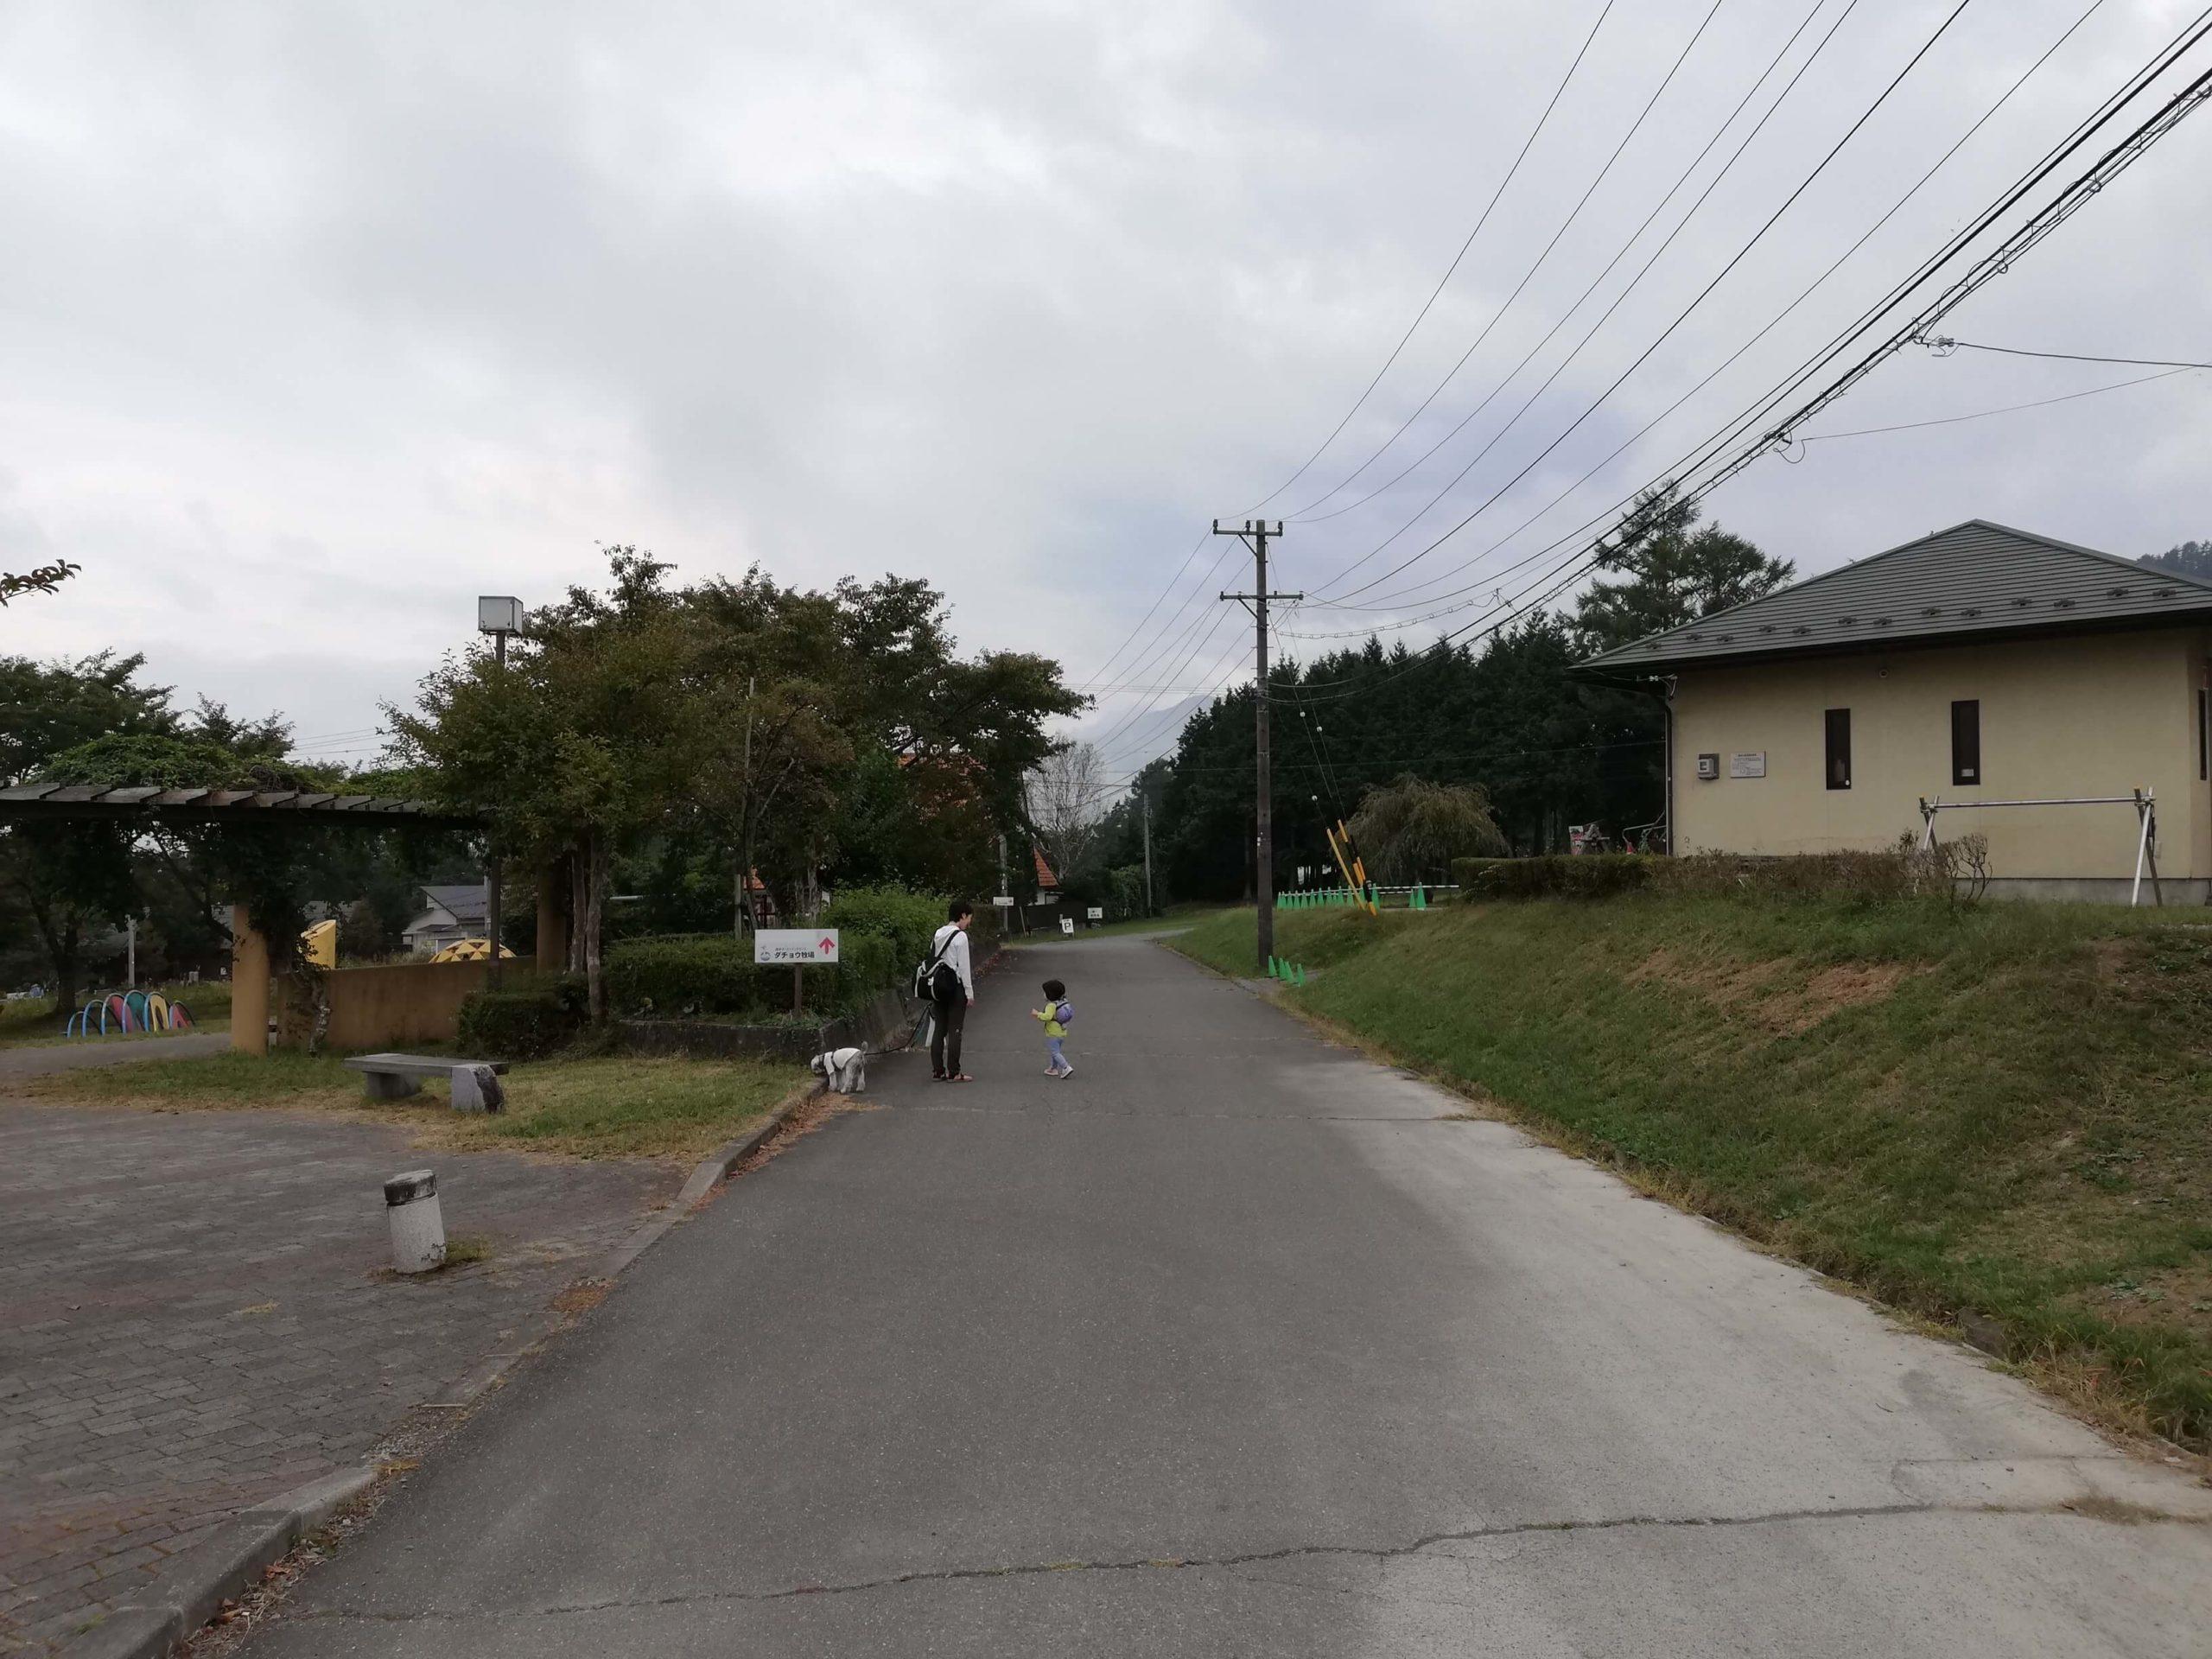 ペットとお出かけ 長野県伊那市 みはらしファーム 広くておすすめ